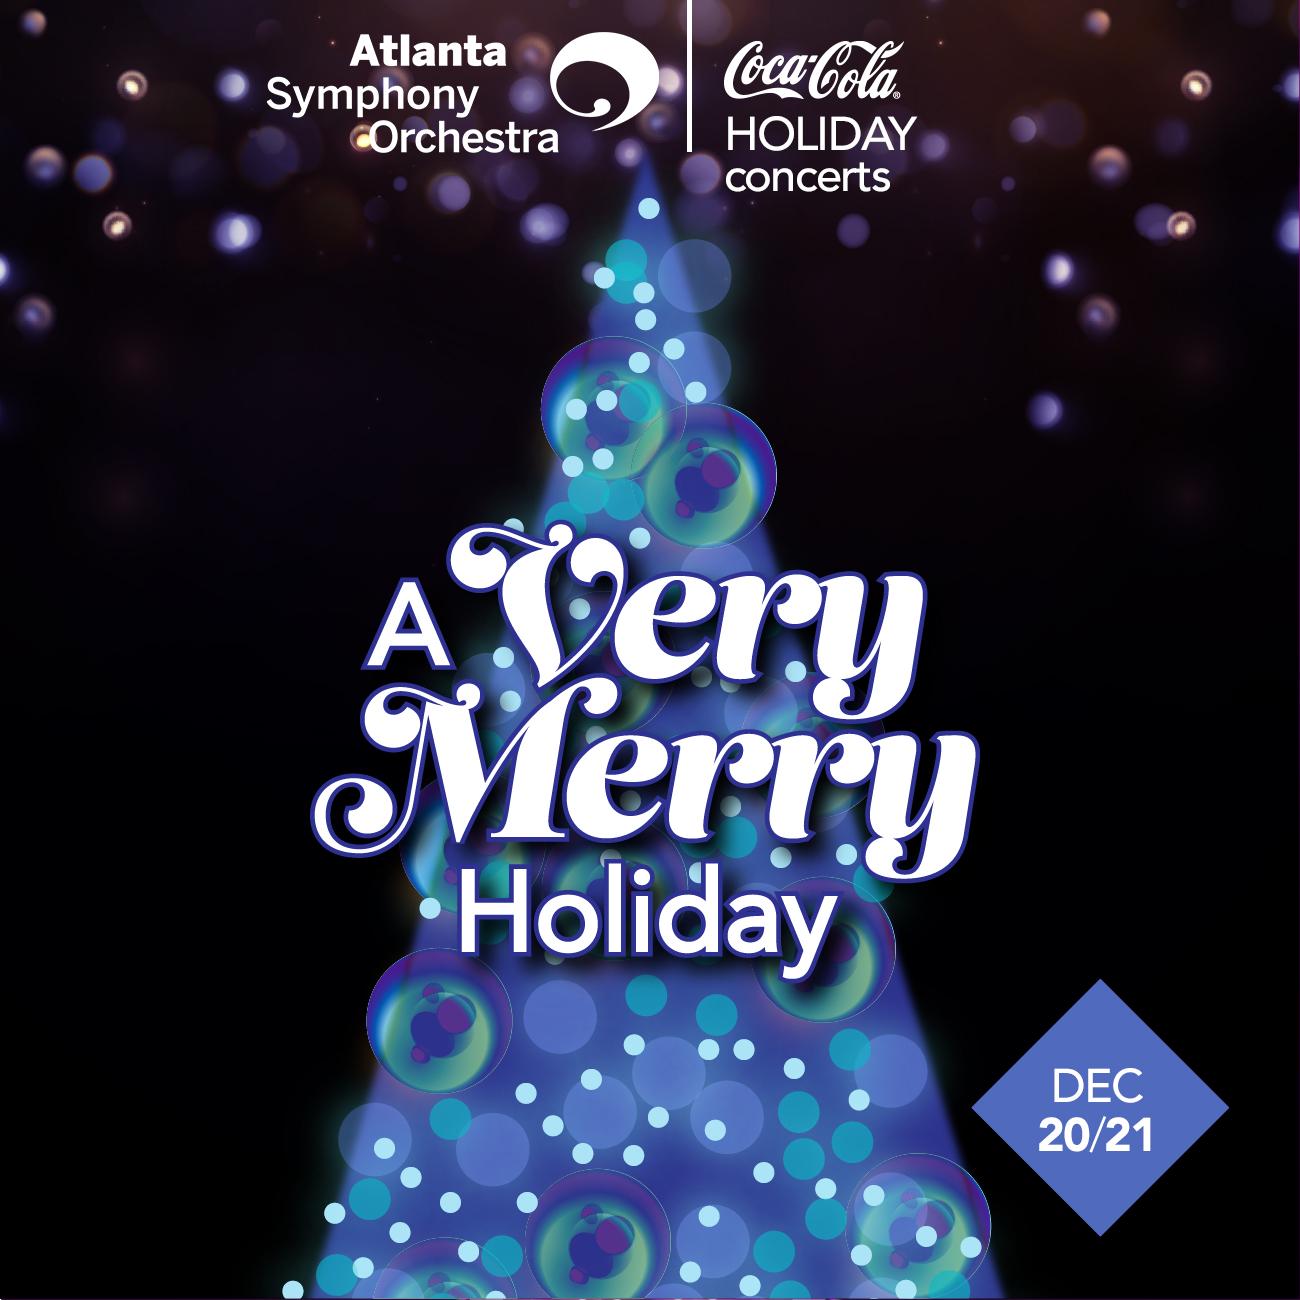 Atlanta Symphony Orchestra: A Very Merry Holiday